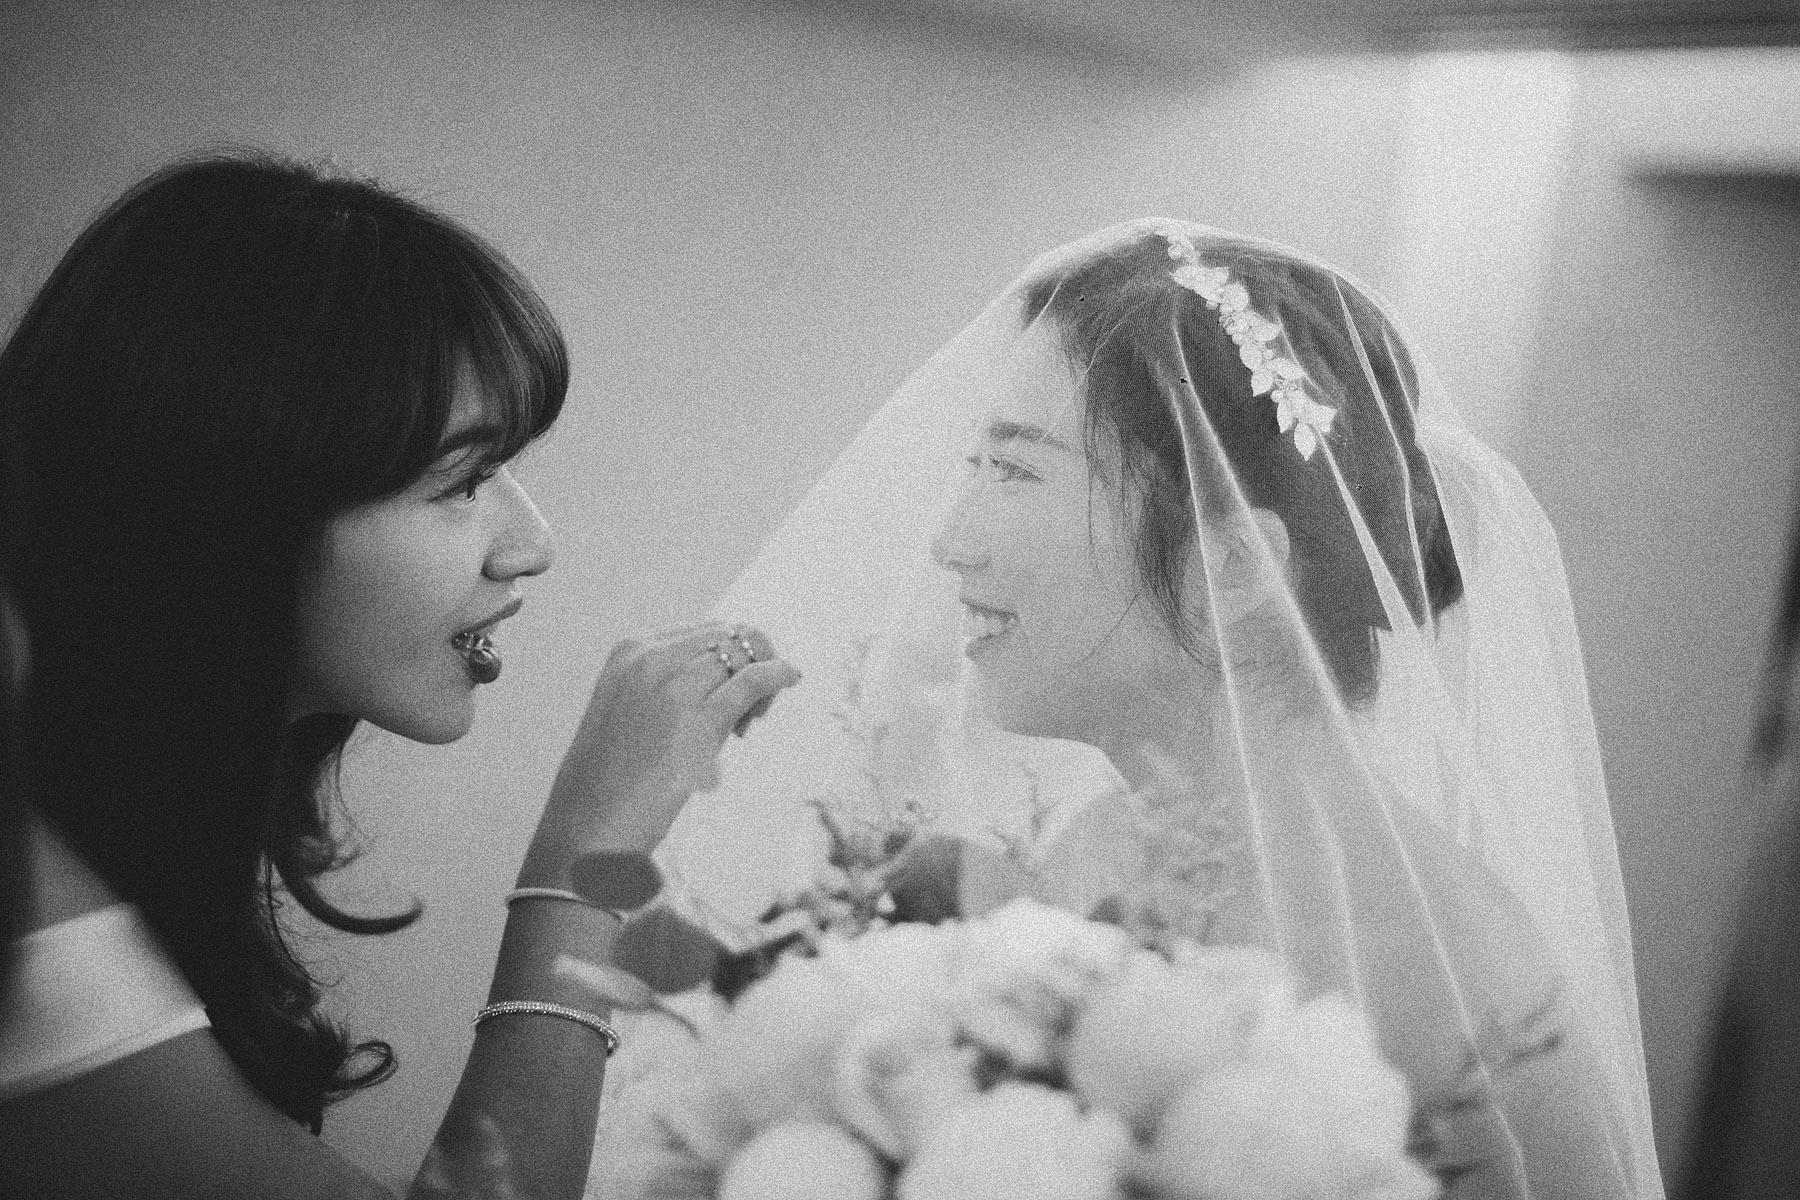 底片婚攝,婚禮攝影,電影風格,台北婚攝推薦,婚攝,婚禮紀錄,底片風格,黑白,伴娘